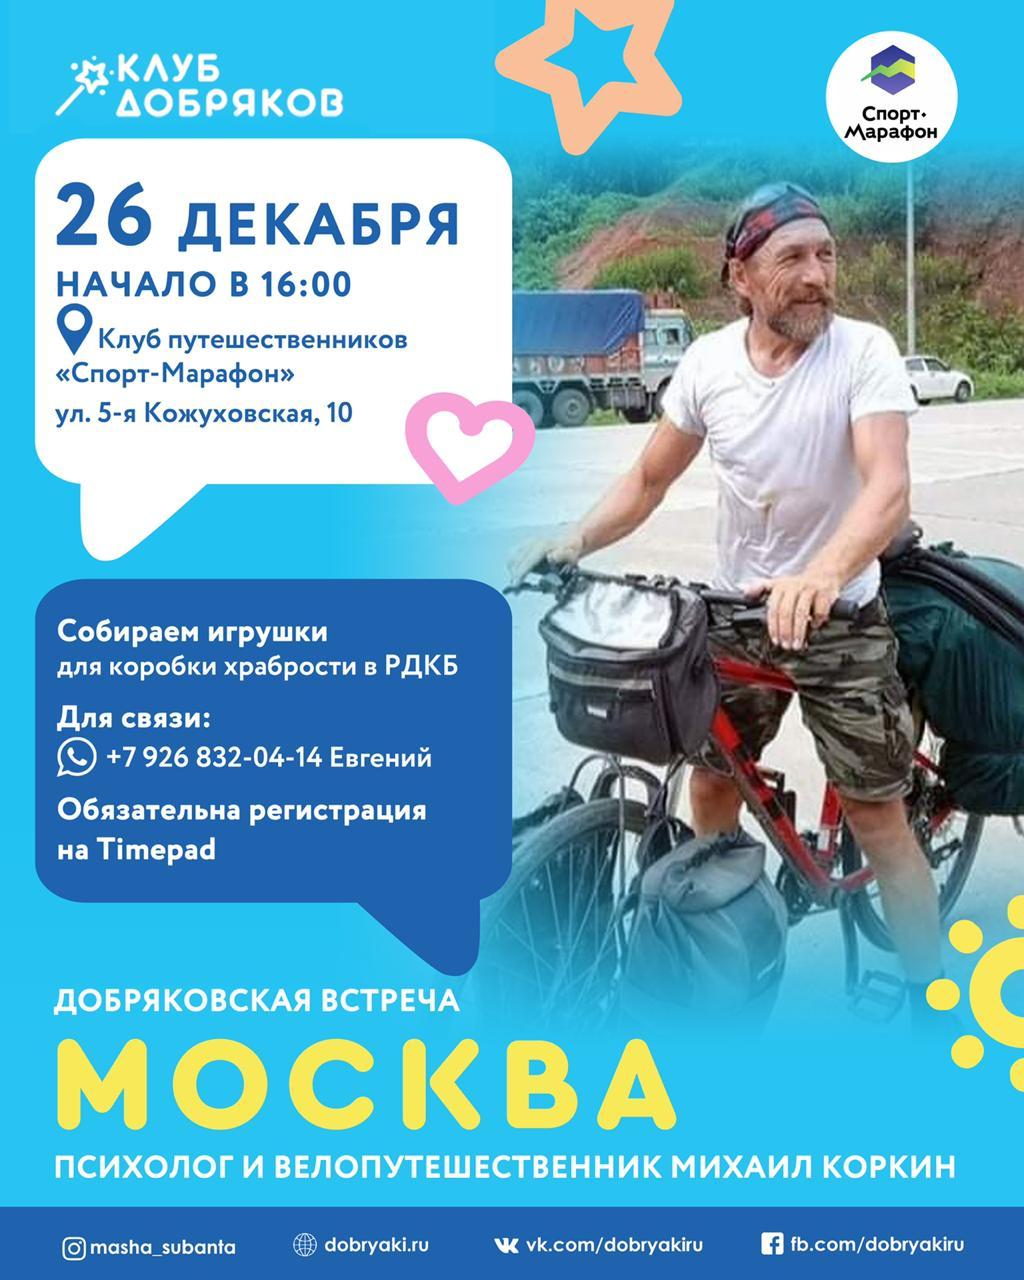 В Москве пройдет встреча с с велопутешественником Михаилом Коркиным